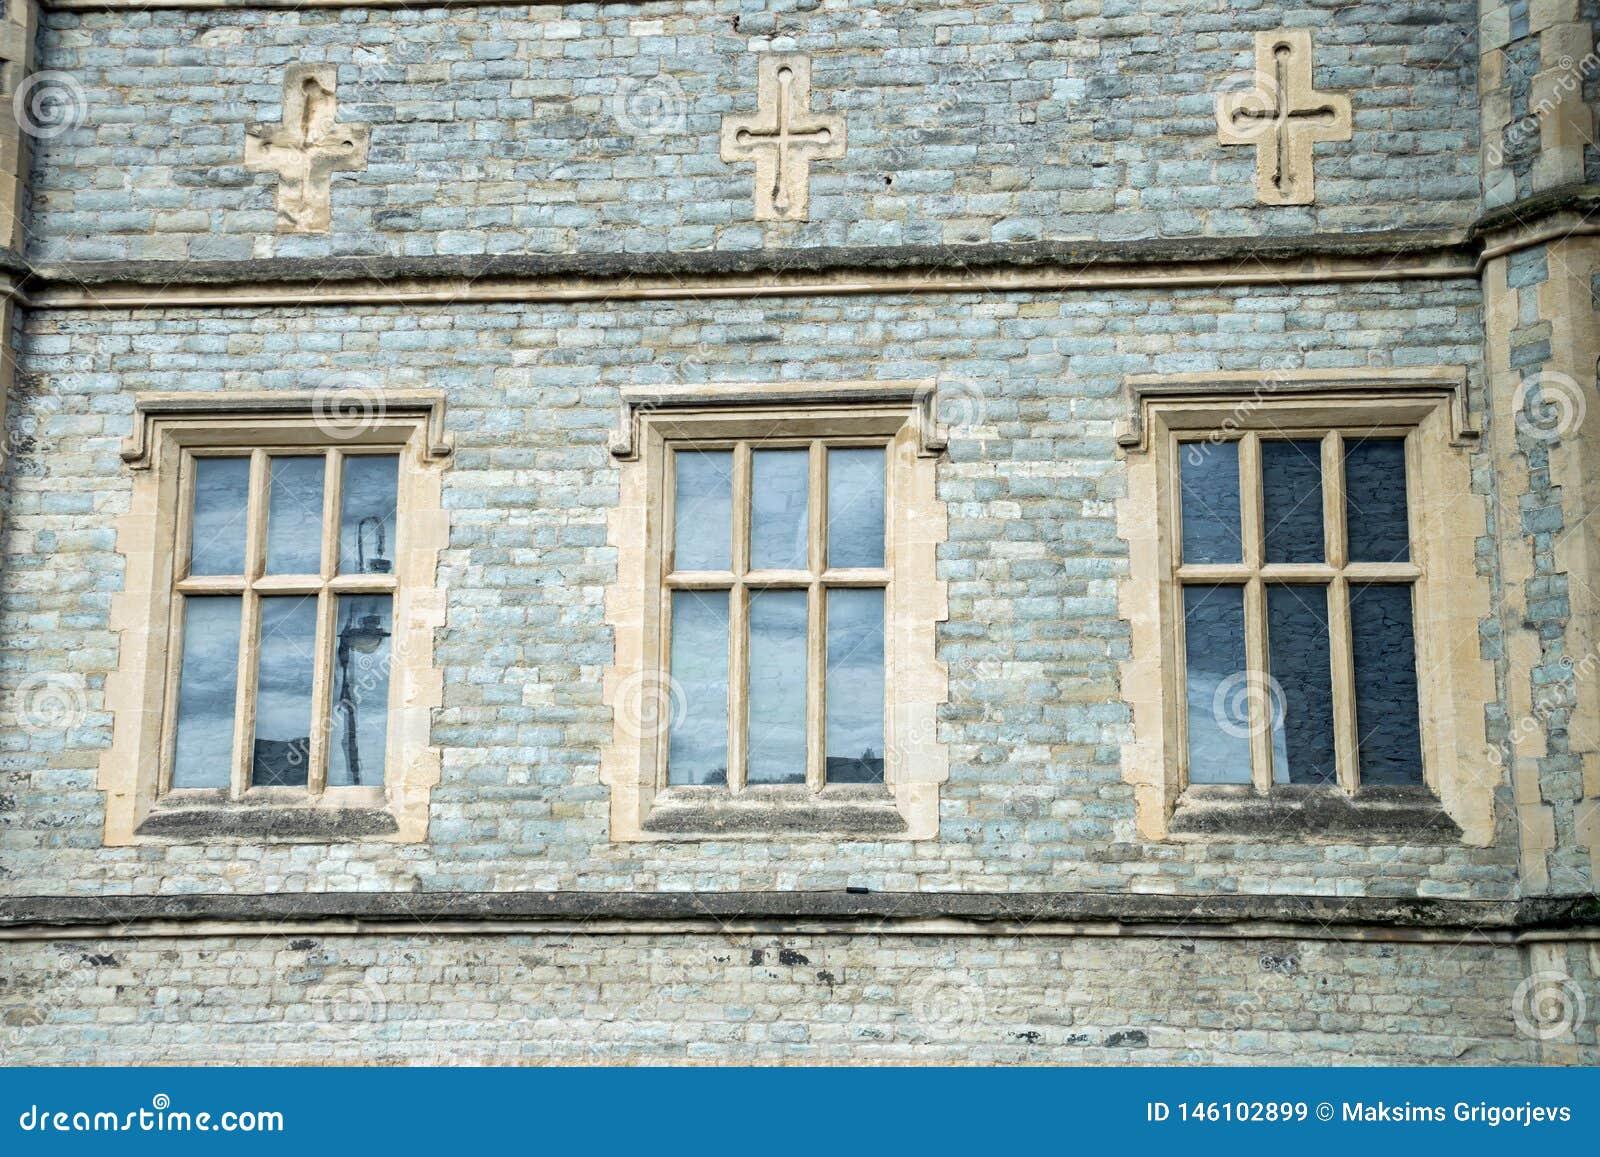 Alte traditionelle englische Architektur, drei Fenster und Kreuze oben